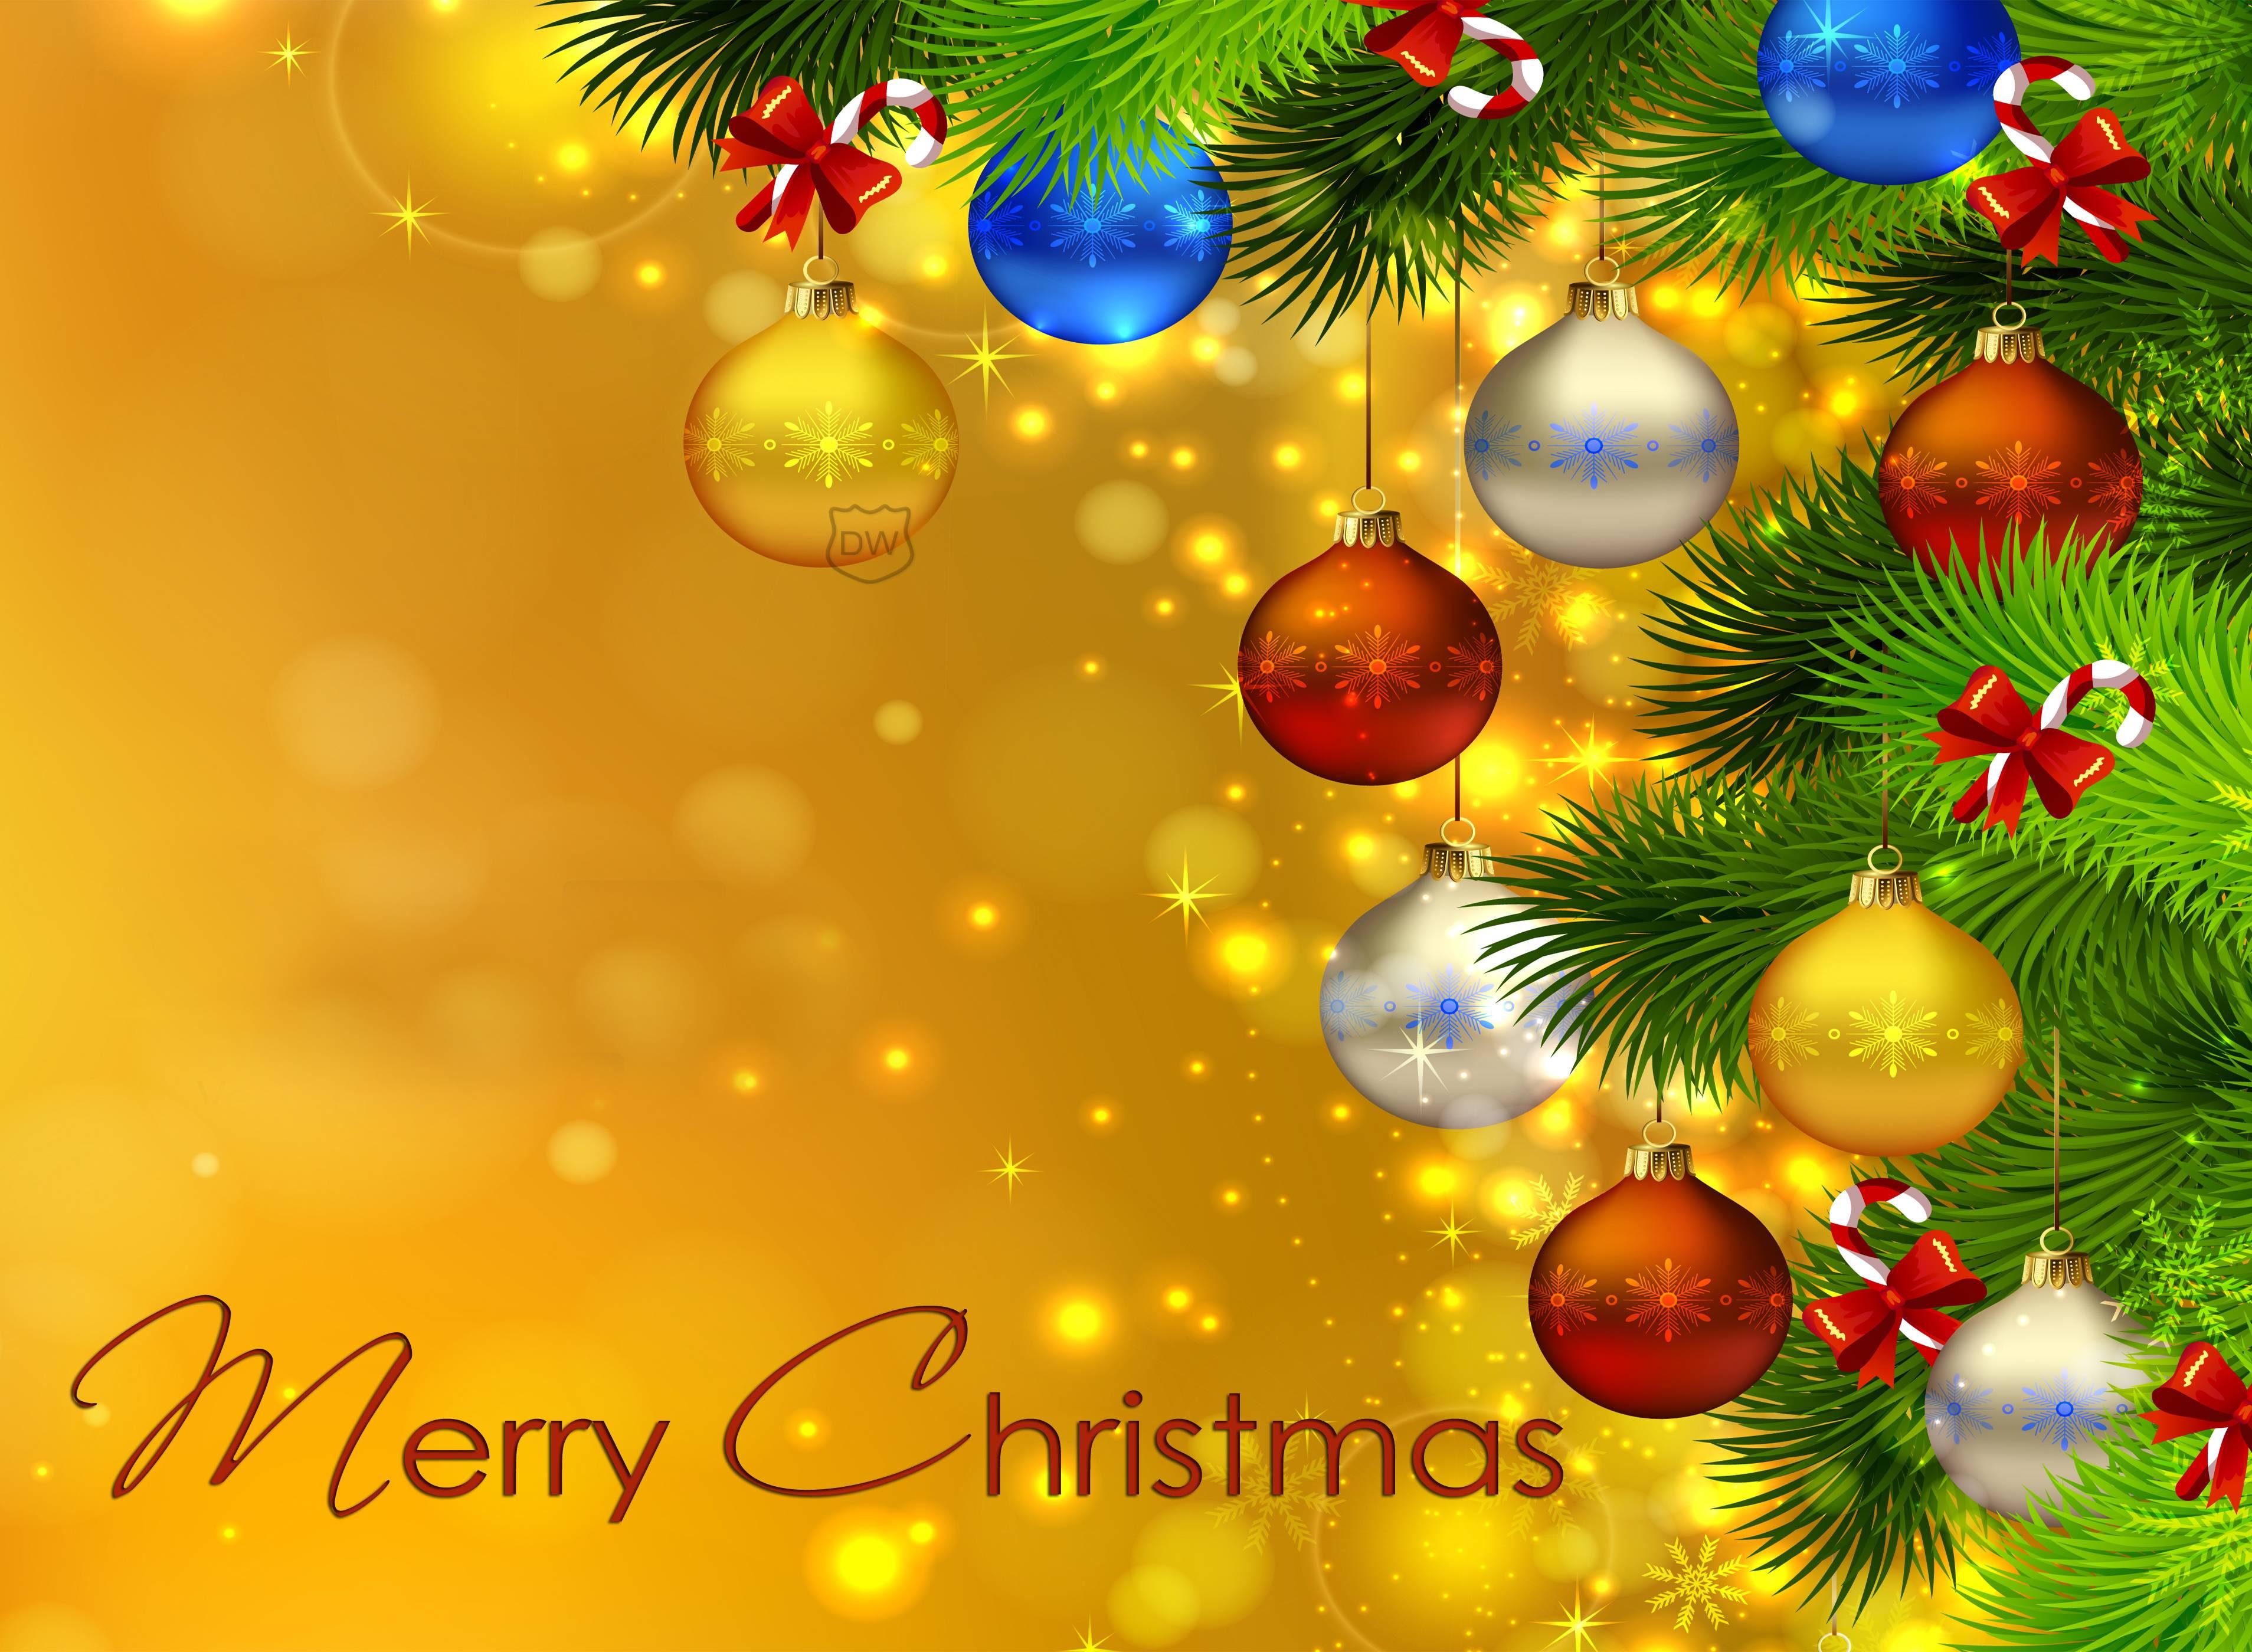 christmas wallpapers top free christmas backgrounds wallpaperaccess christmas wallpapers top free